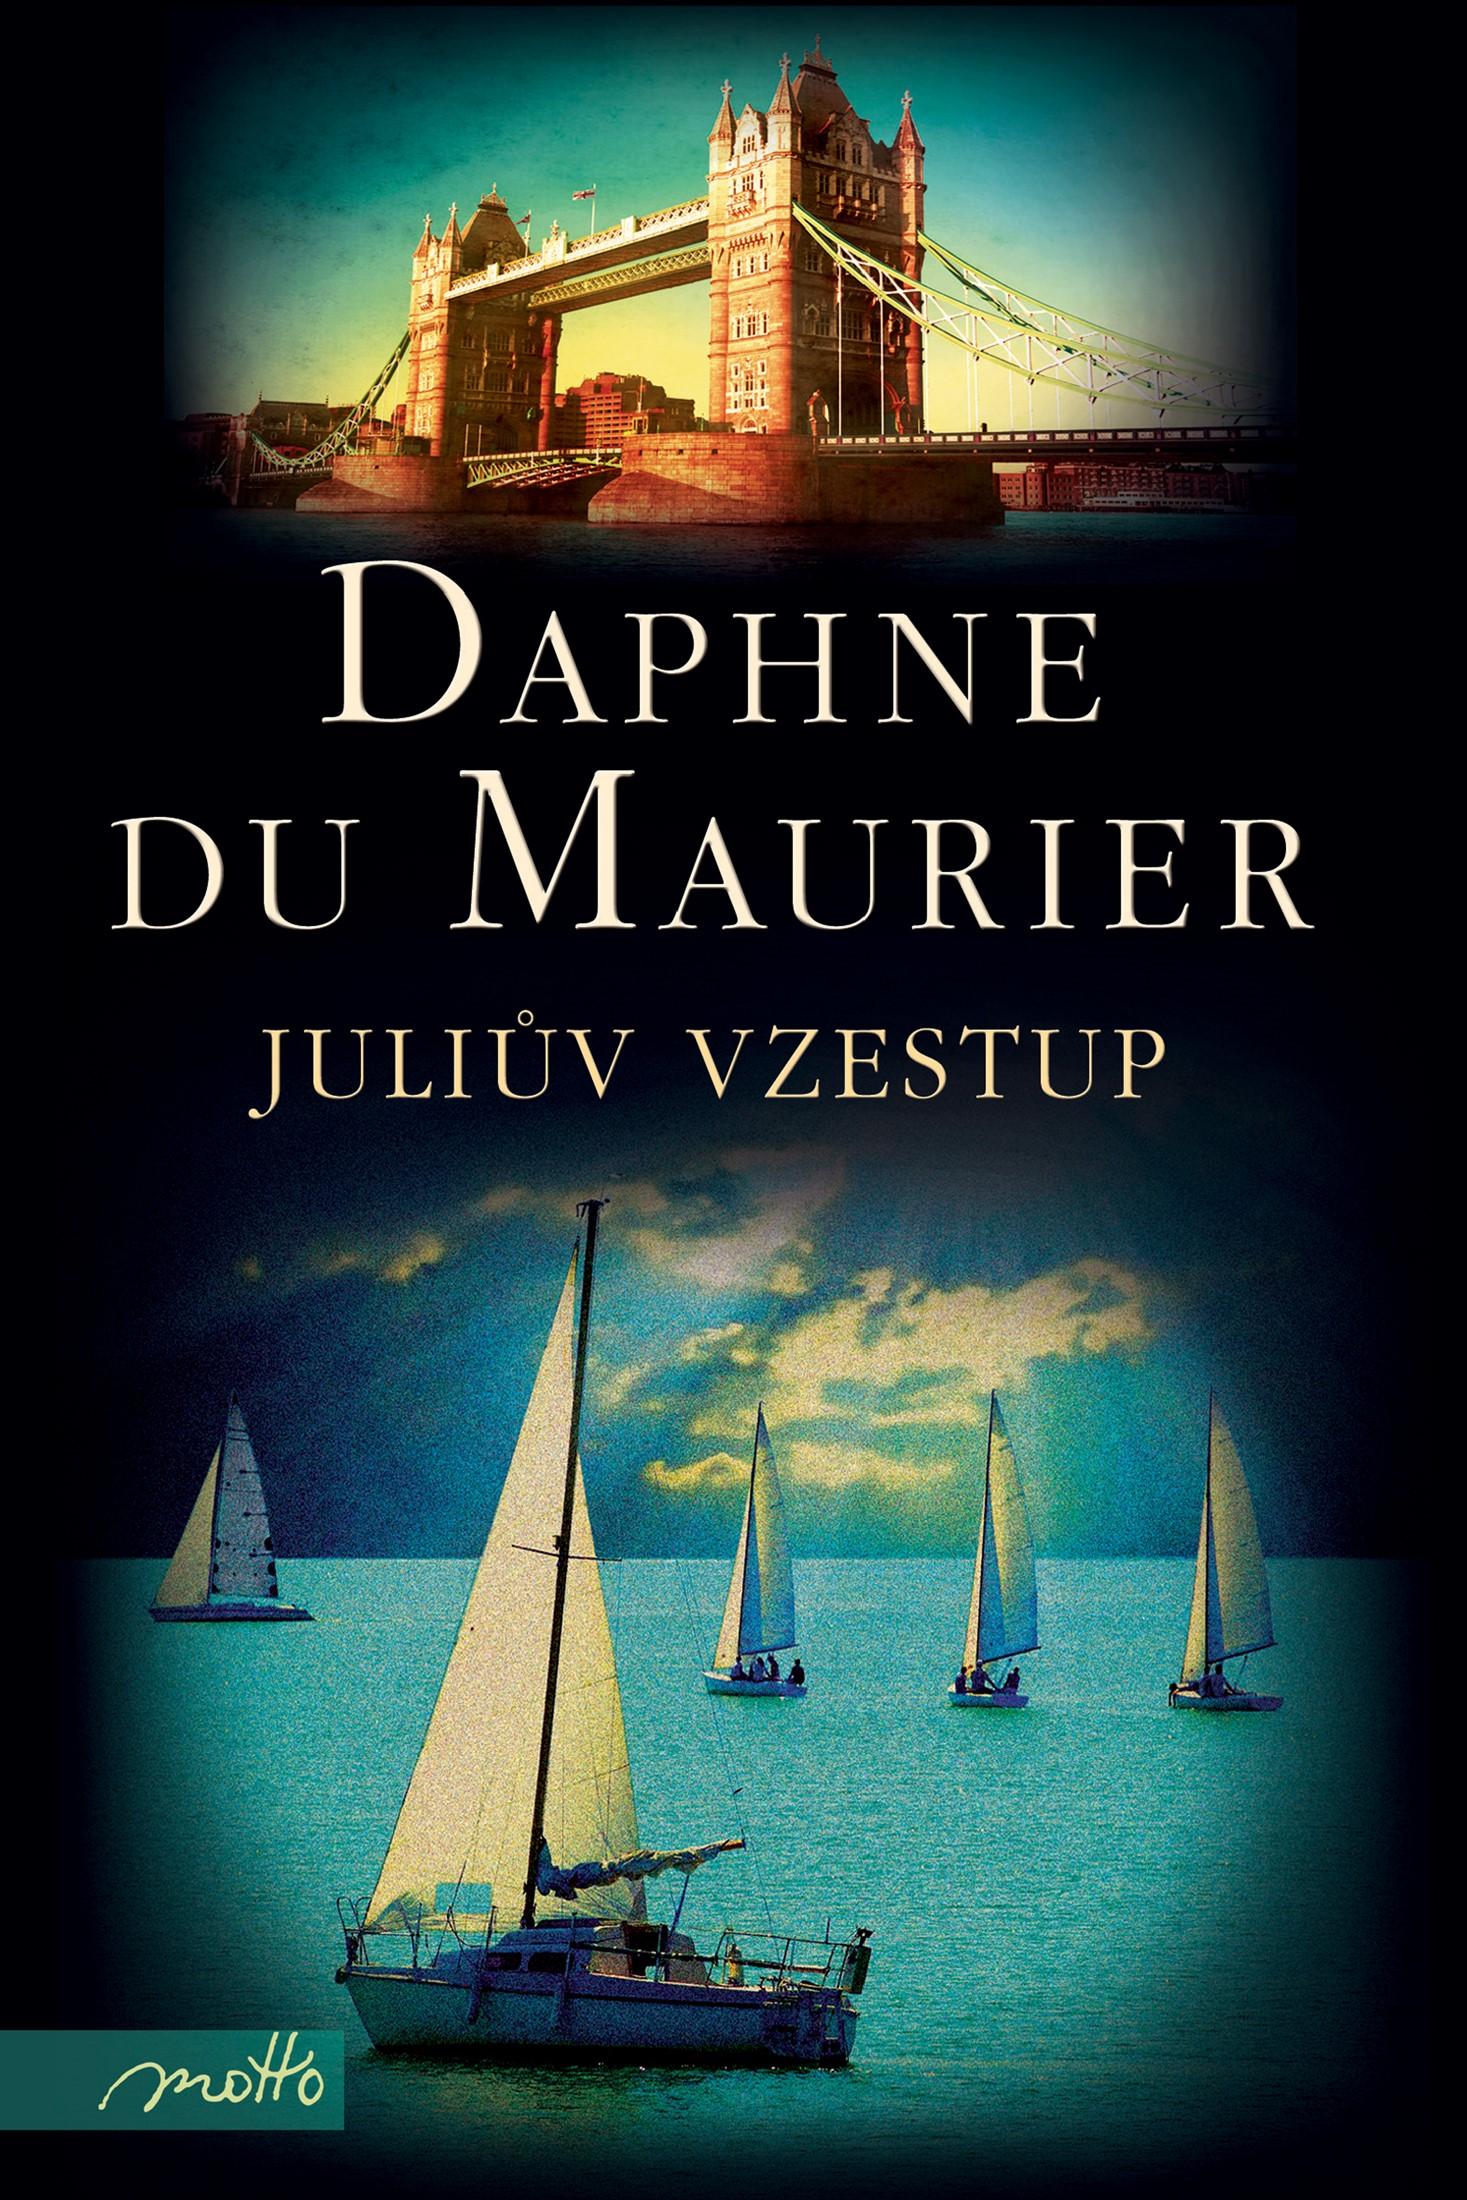 Juliův vzestup | Daphne du Maurier